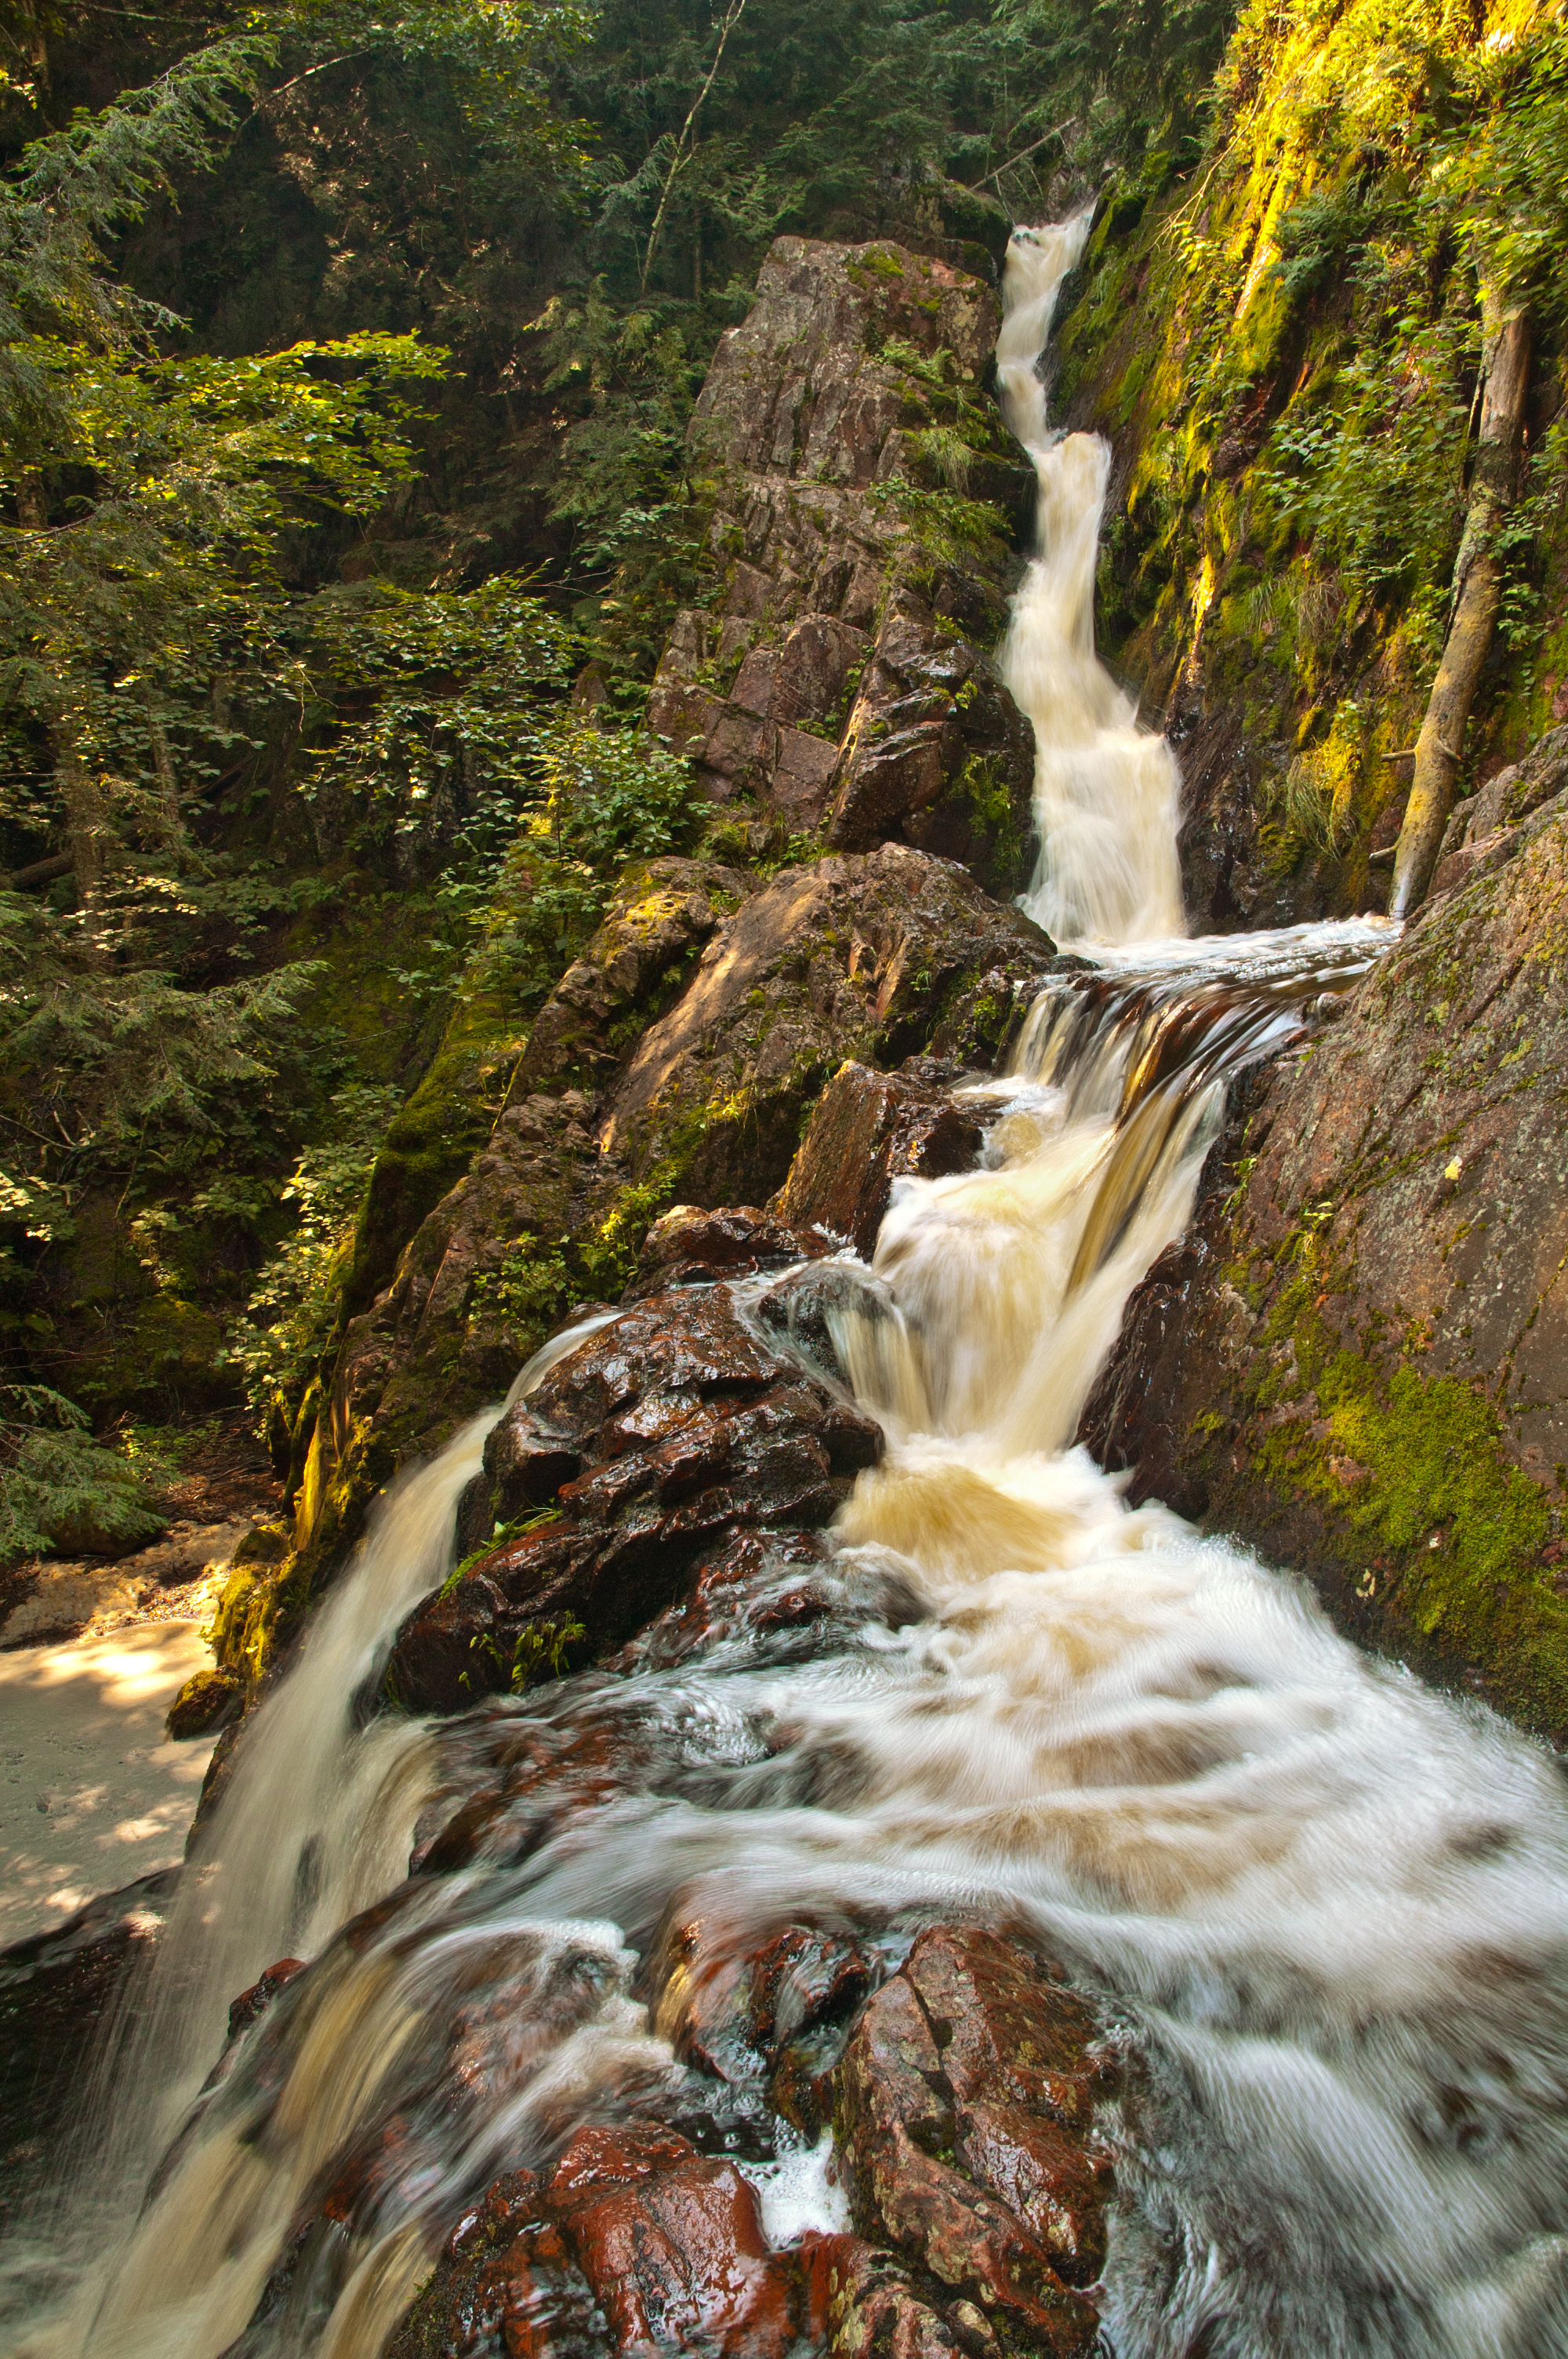 Morgan Falls twists over ancient rocks.